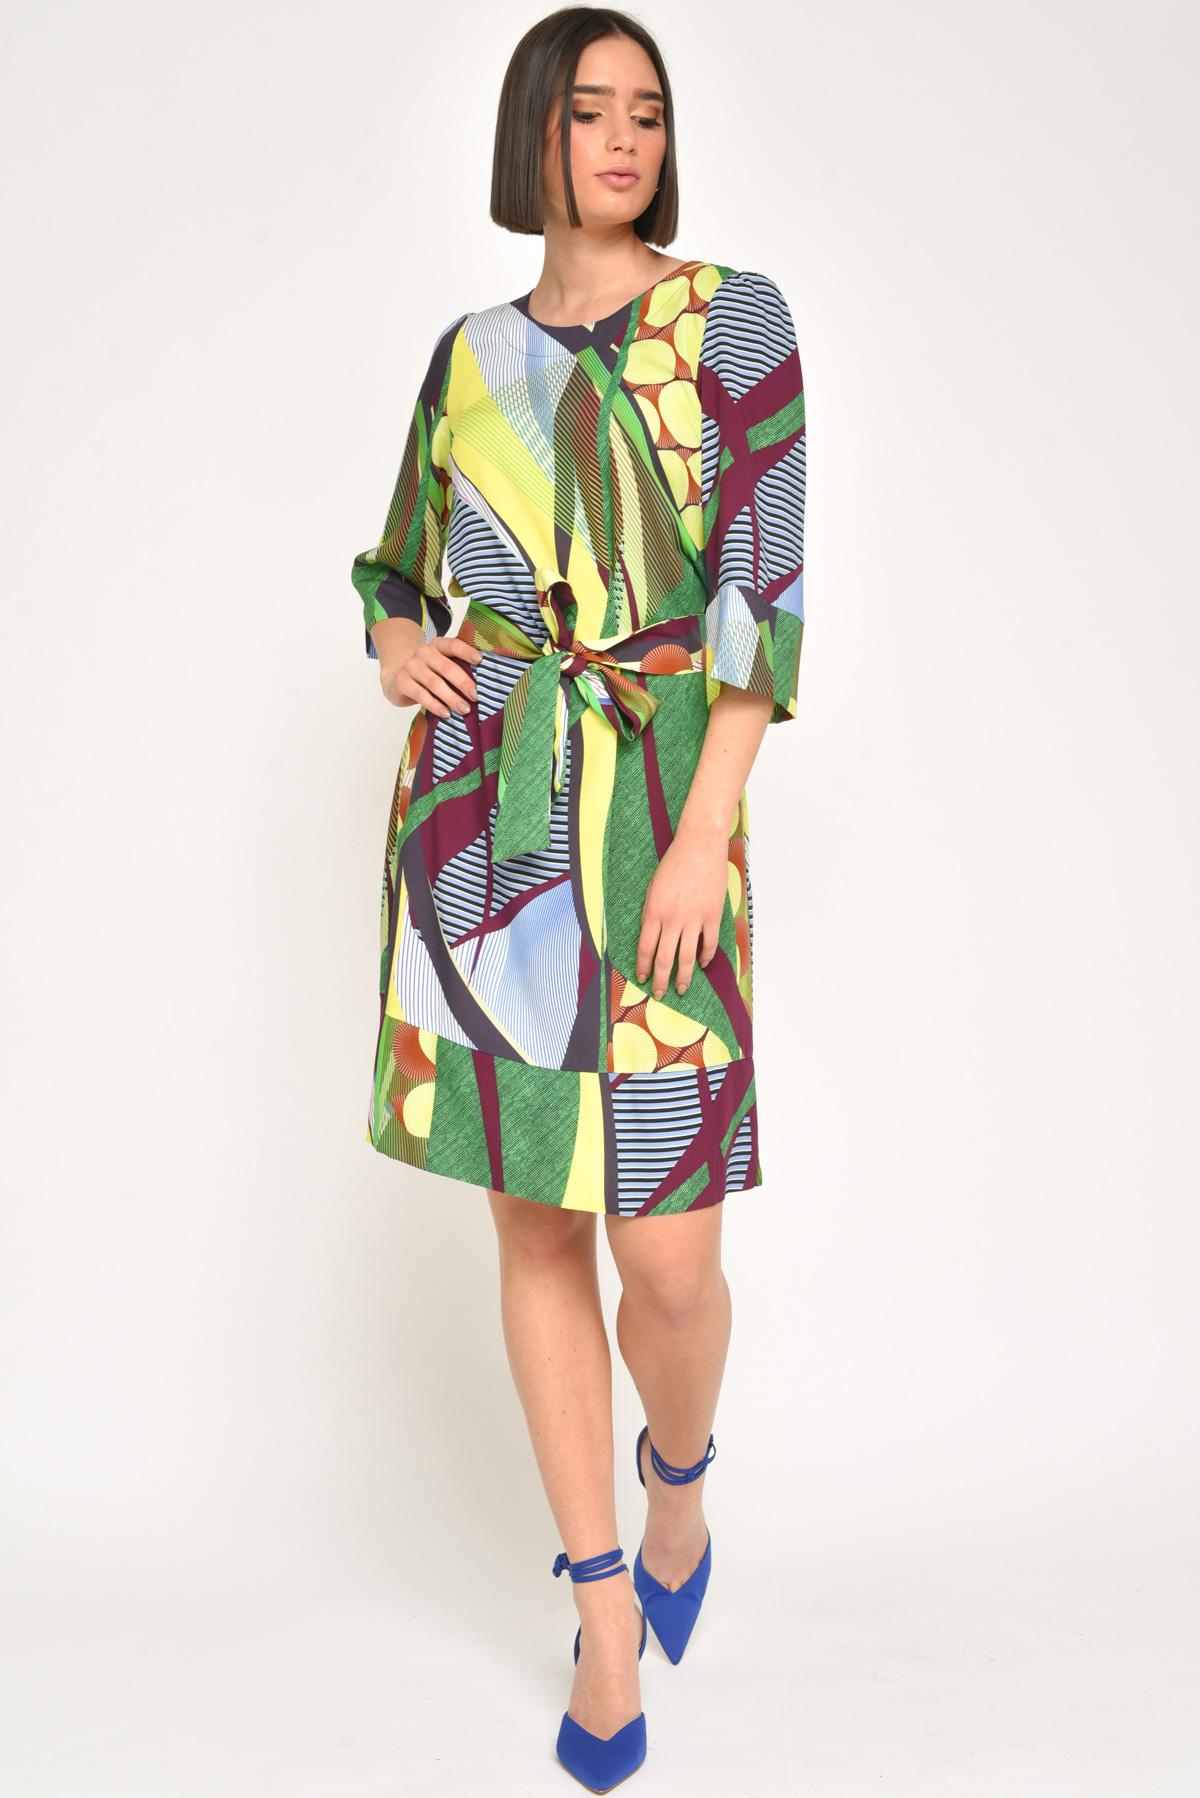 ABITO FANTASY CORTO 100% VISCOSA da donna - ACIDO - Paquito Pronto Moda Shop Online